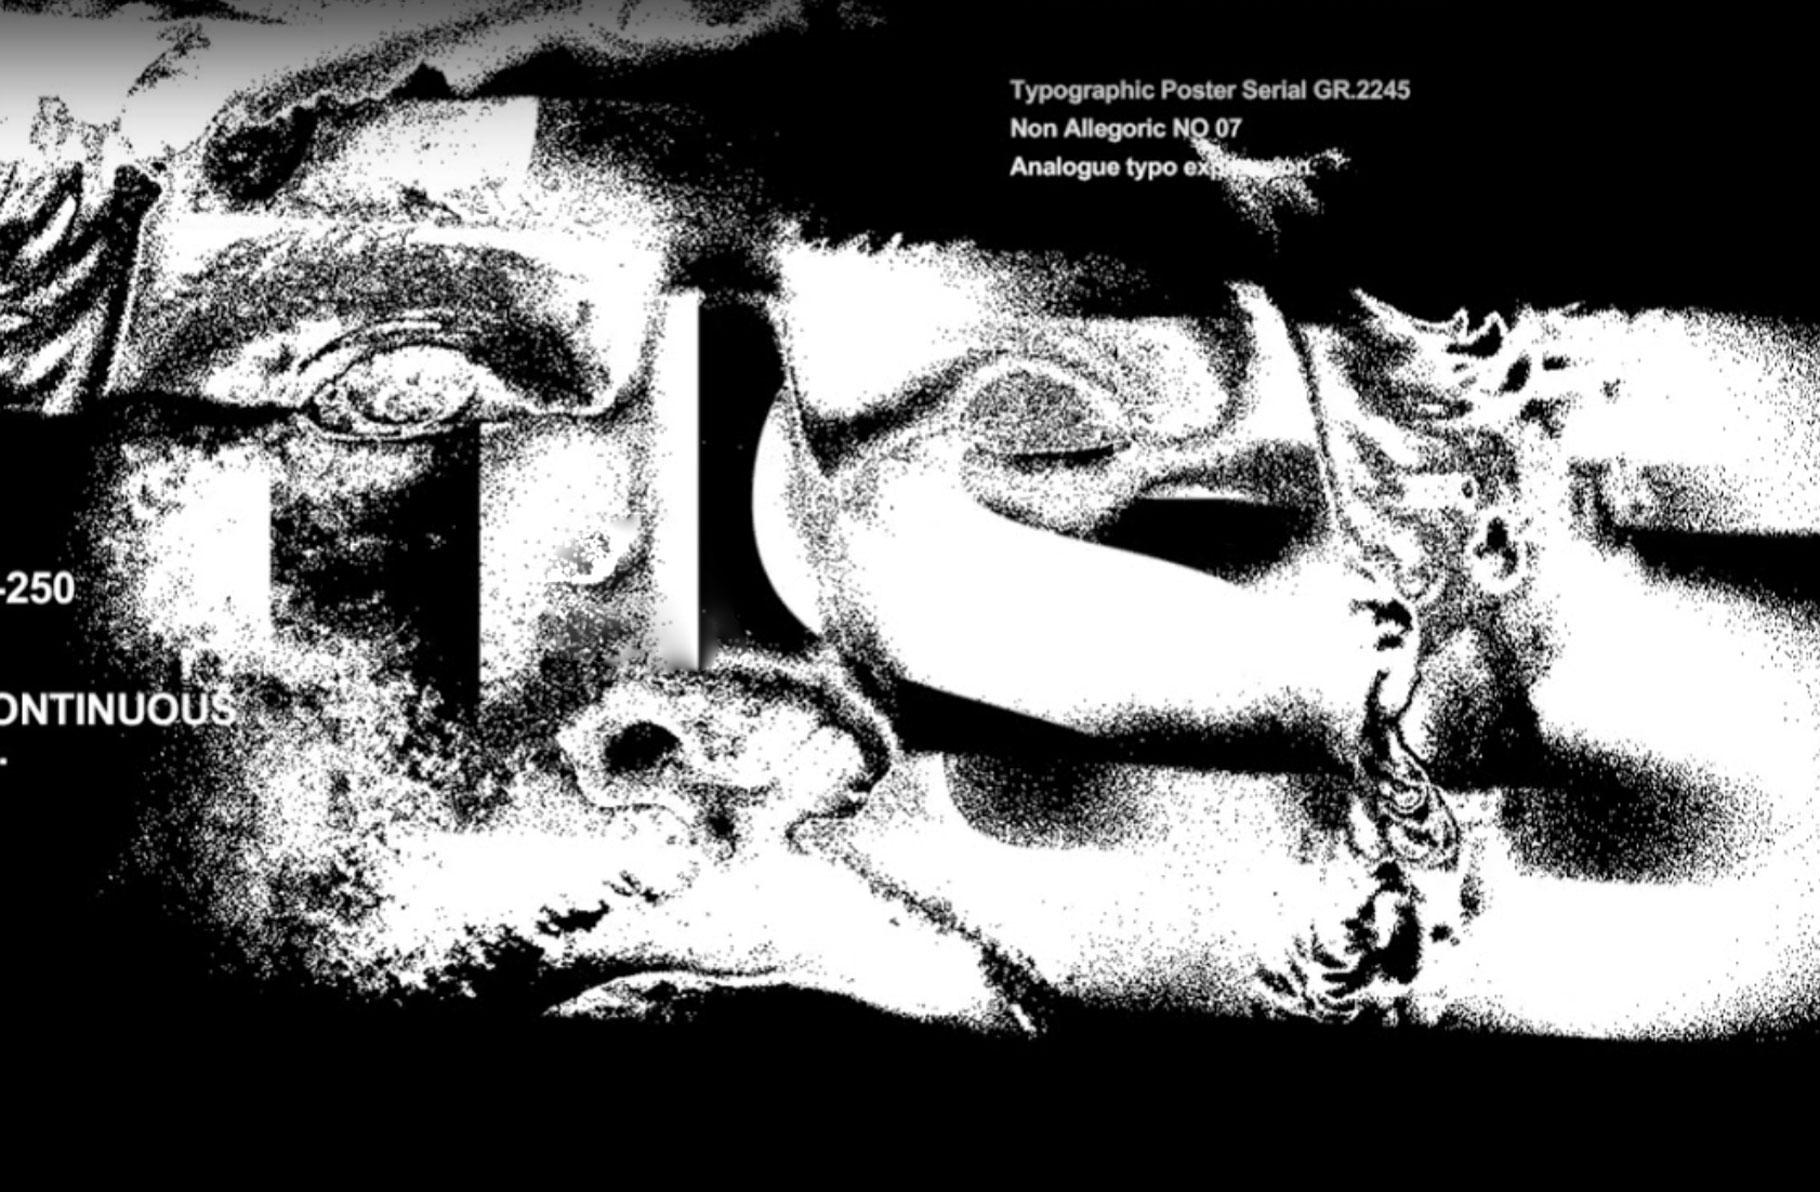 [ 淘宝购买] 潮流扭曲故障错位位移海报标题字体设计PSD动画模板 Typo Displace / Animated Templates插图(5)